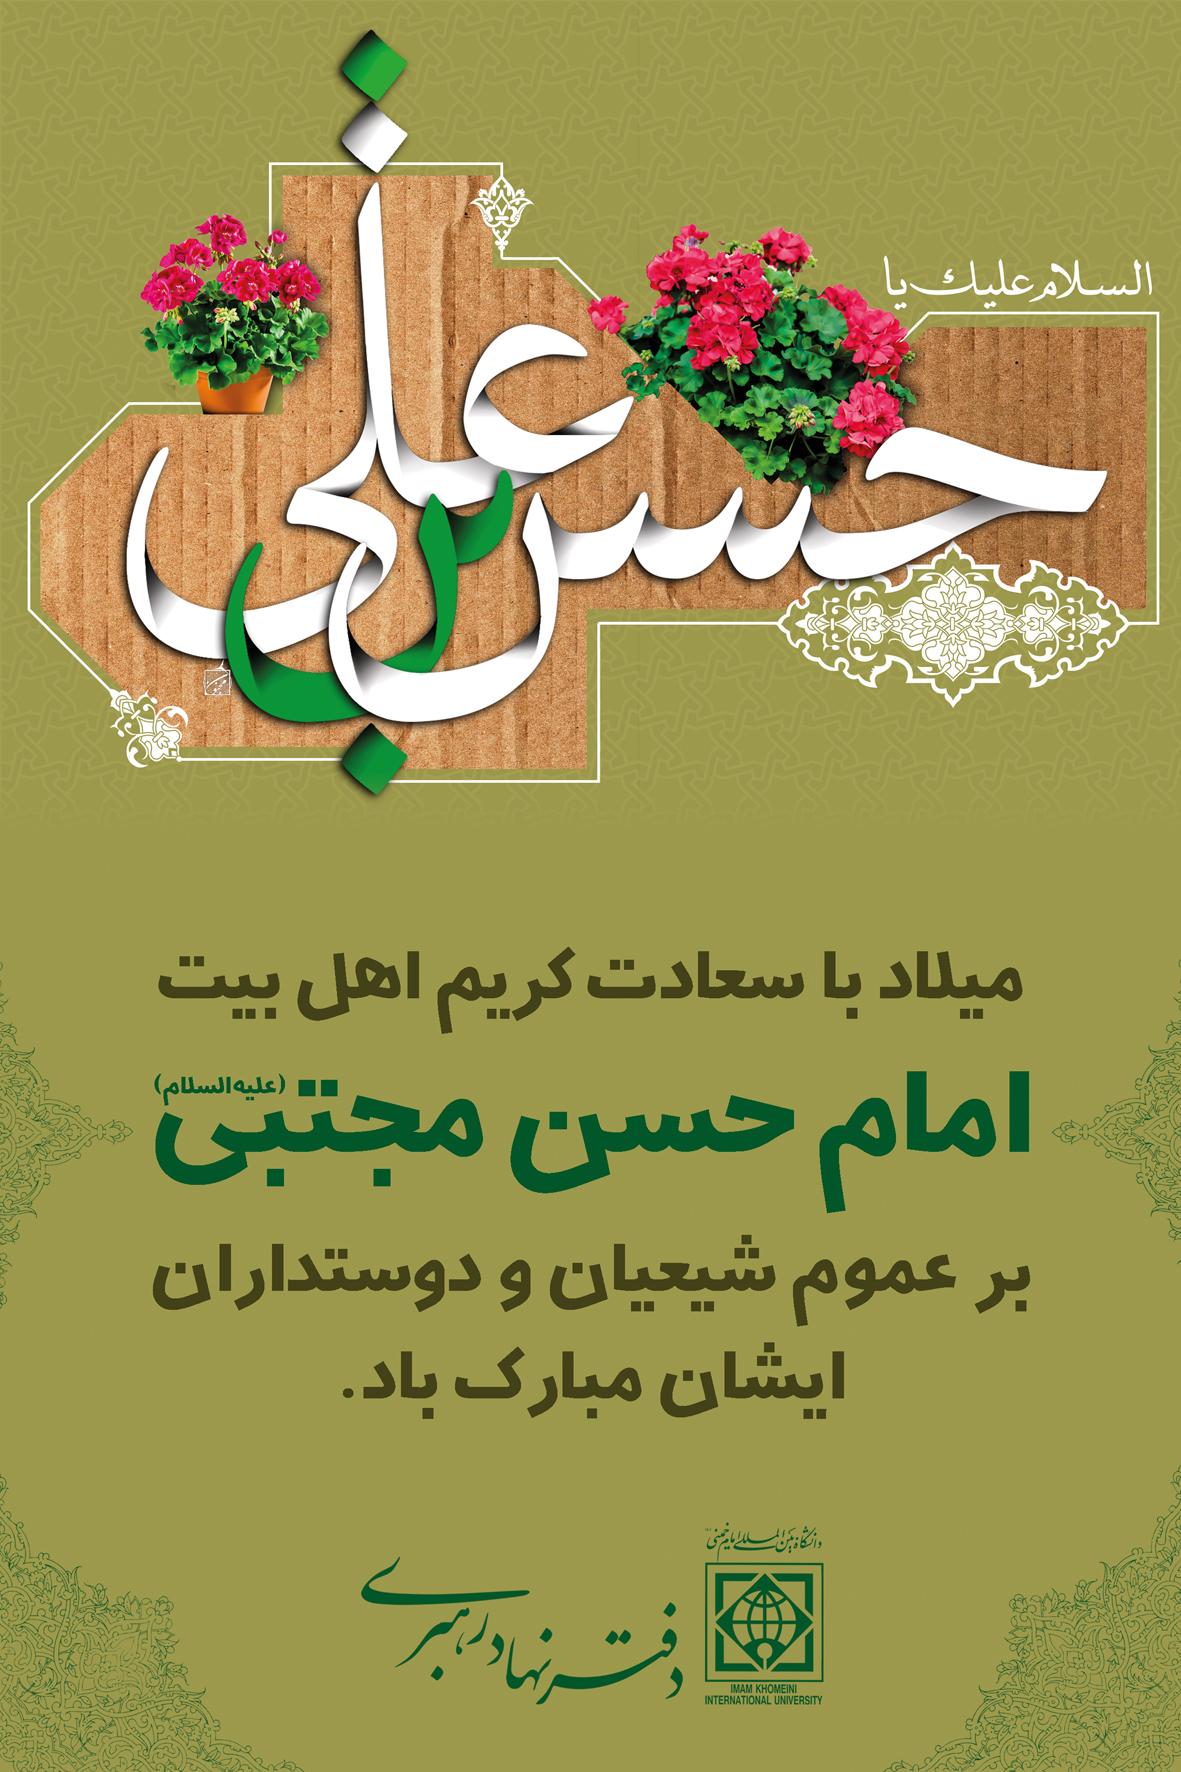 میلاد کریم اهل بیت، امام حسن مجتبی (ع) مبارک باد